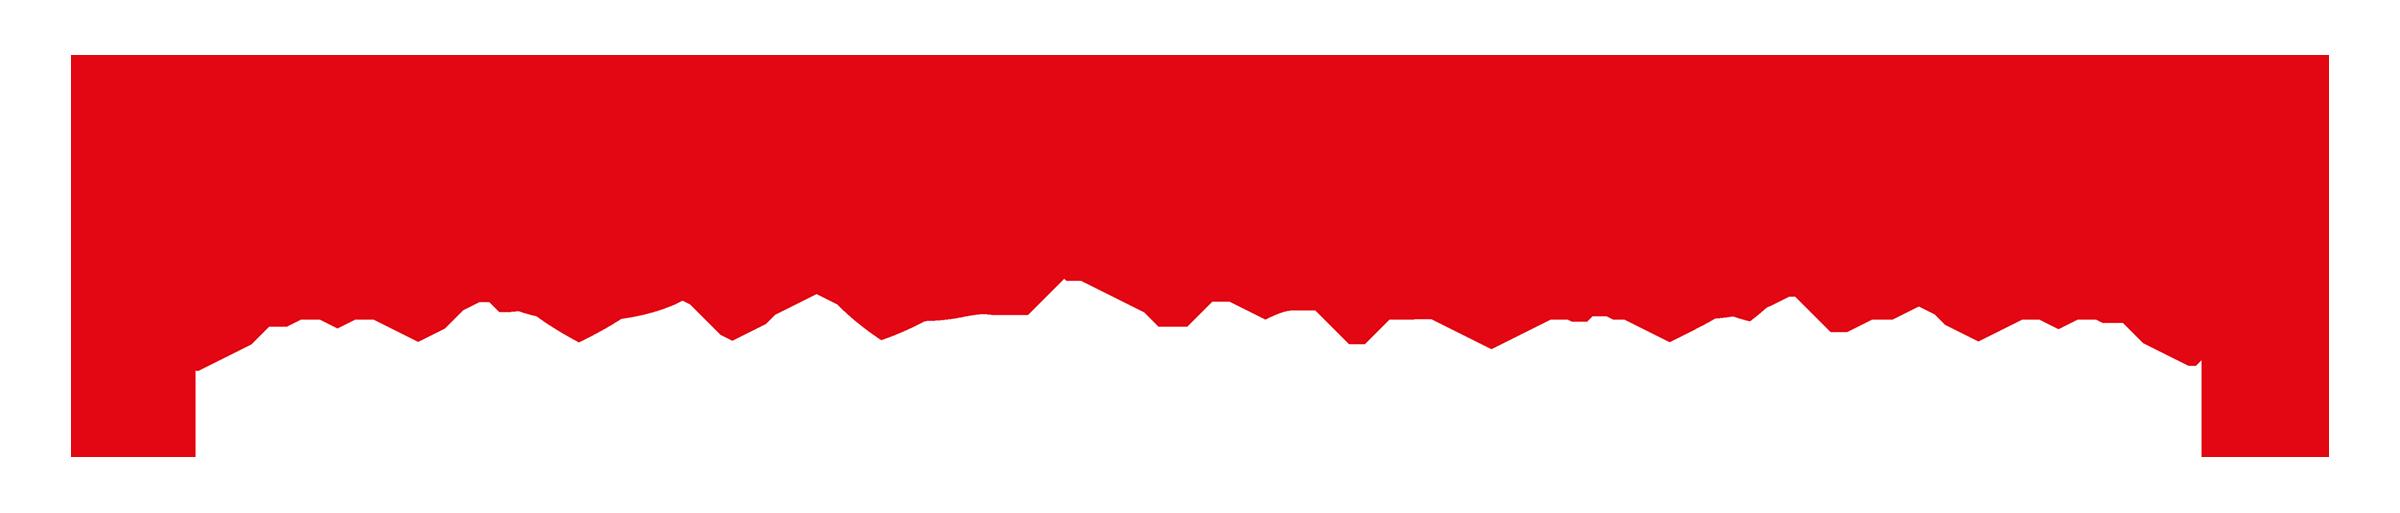 Regio_Medien_Unterfranken_Logo negativ transparent